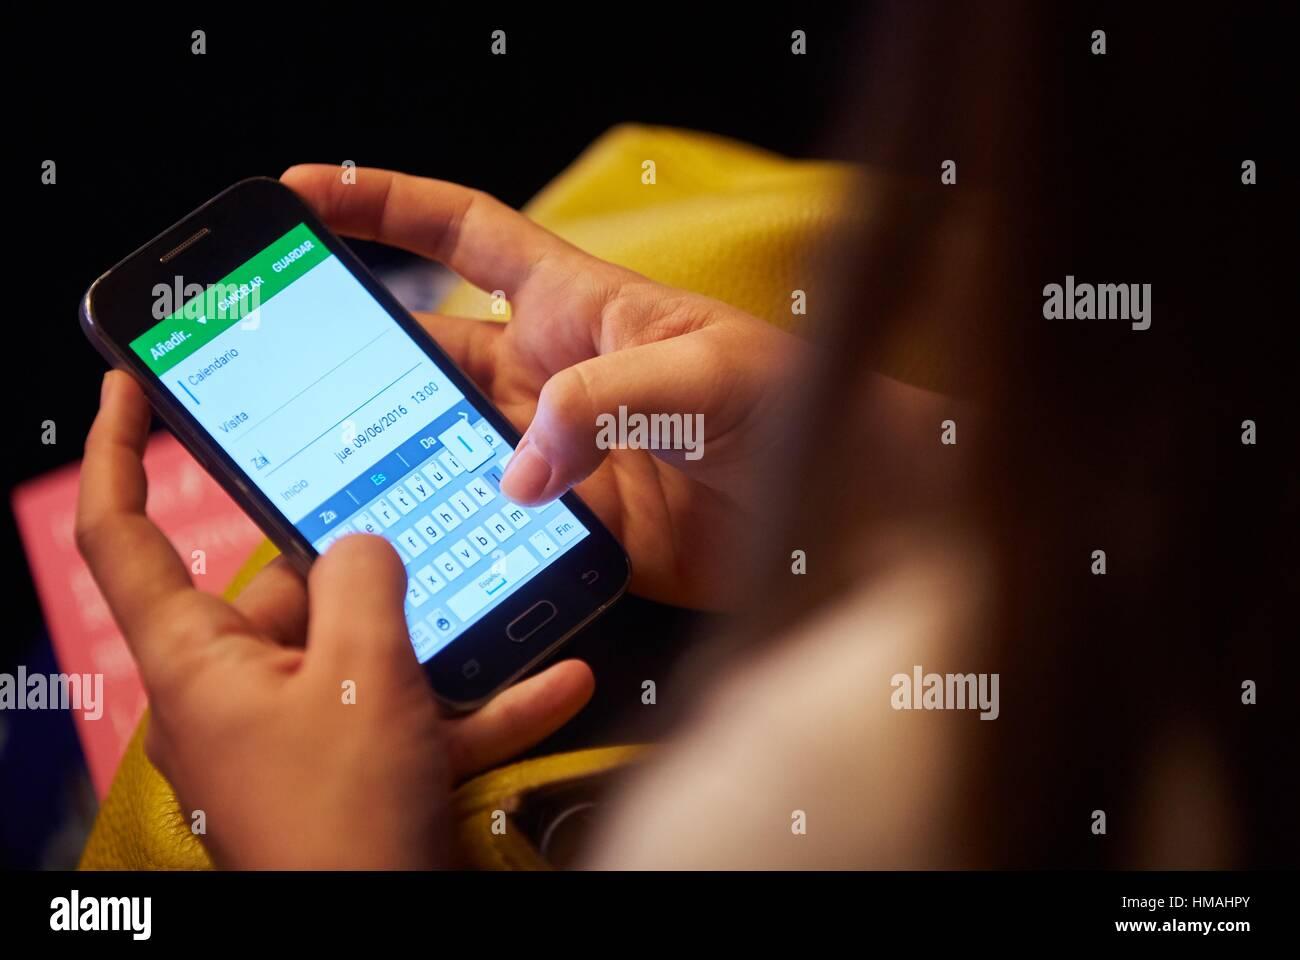 Donna scrivendo un messaggio di posta elettronica. Smartphone Immagini Stock